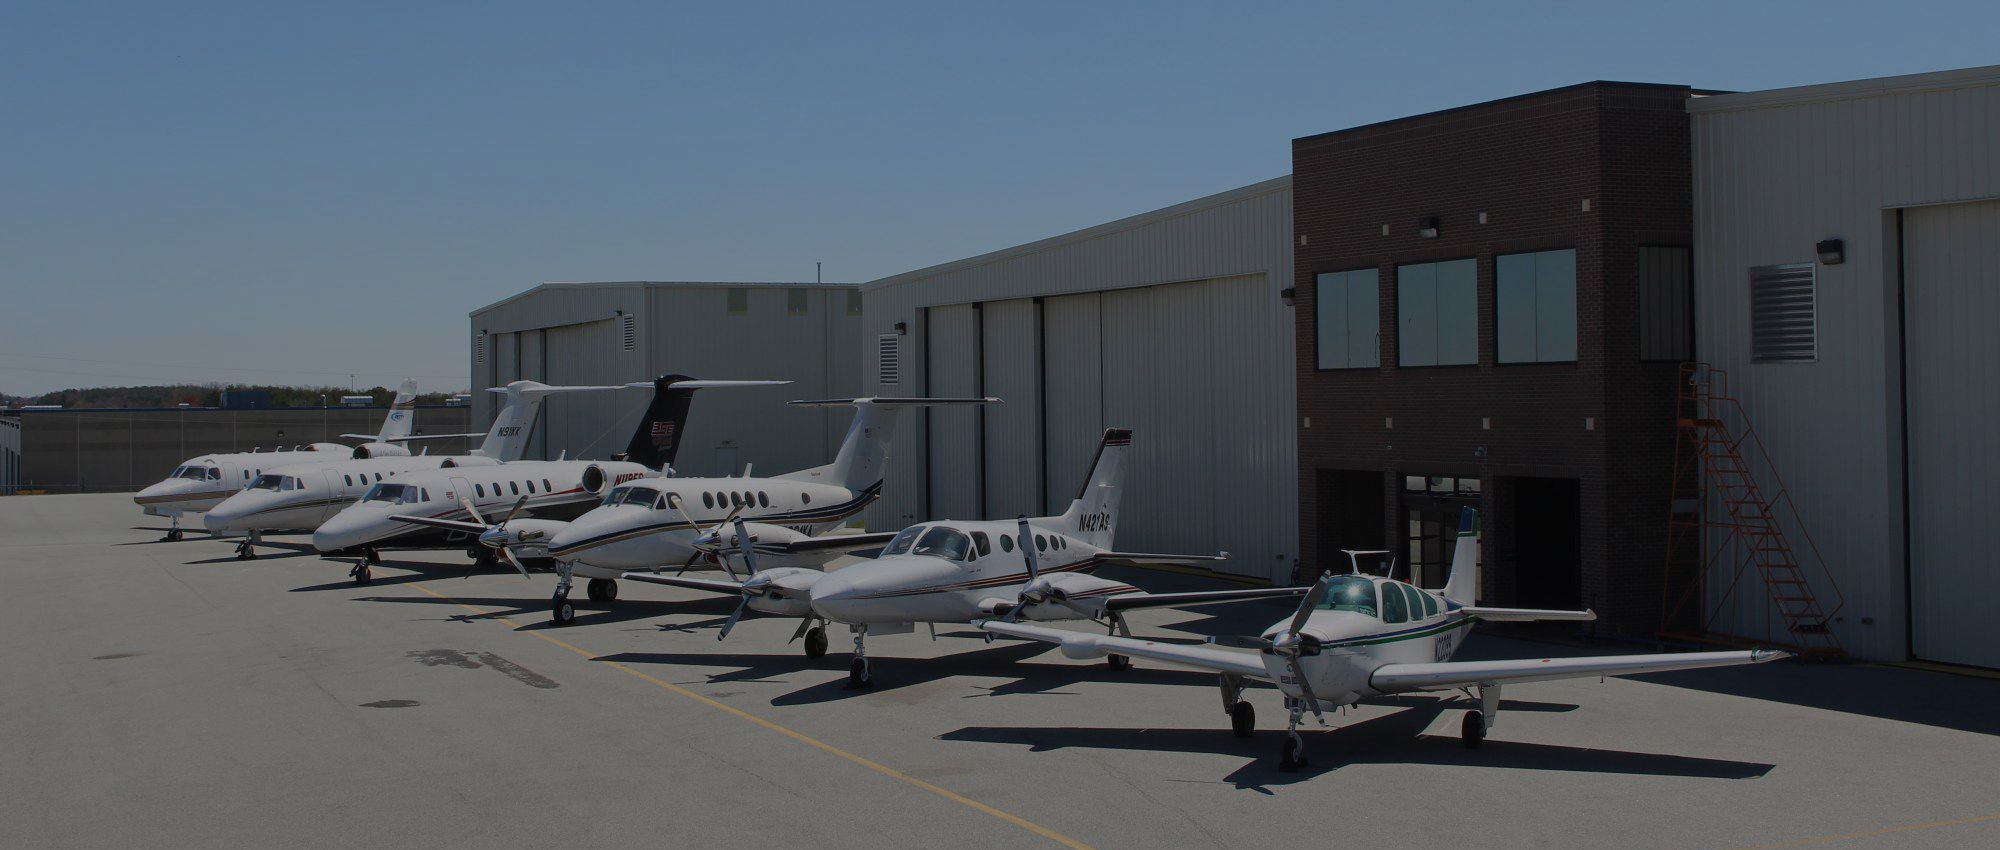 charter plane lineup